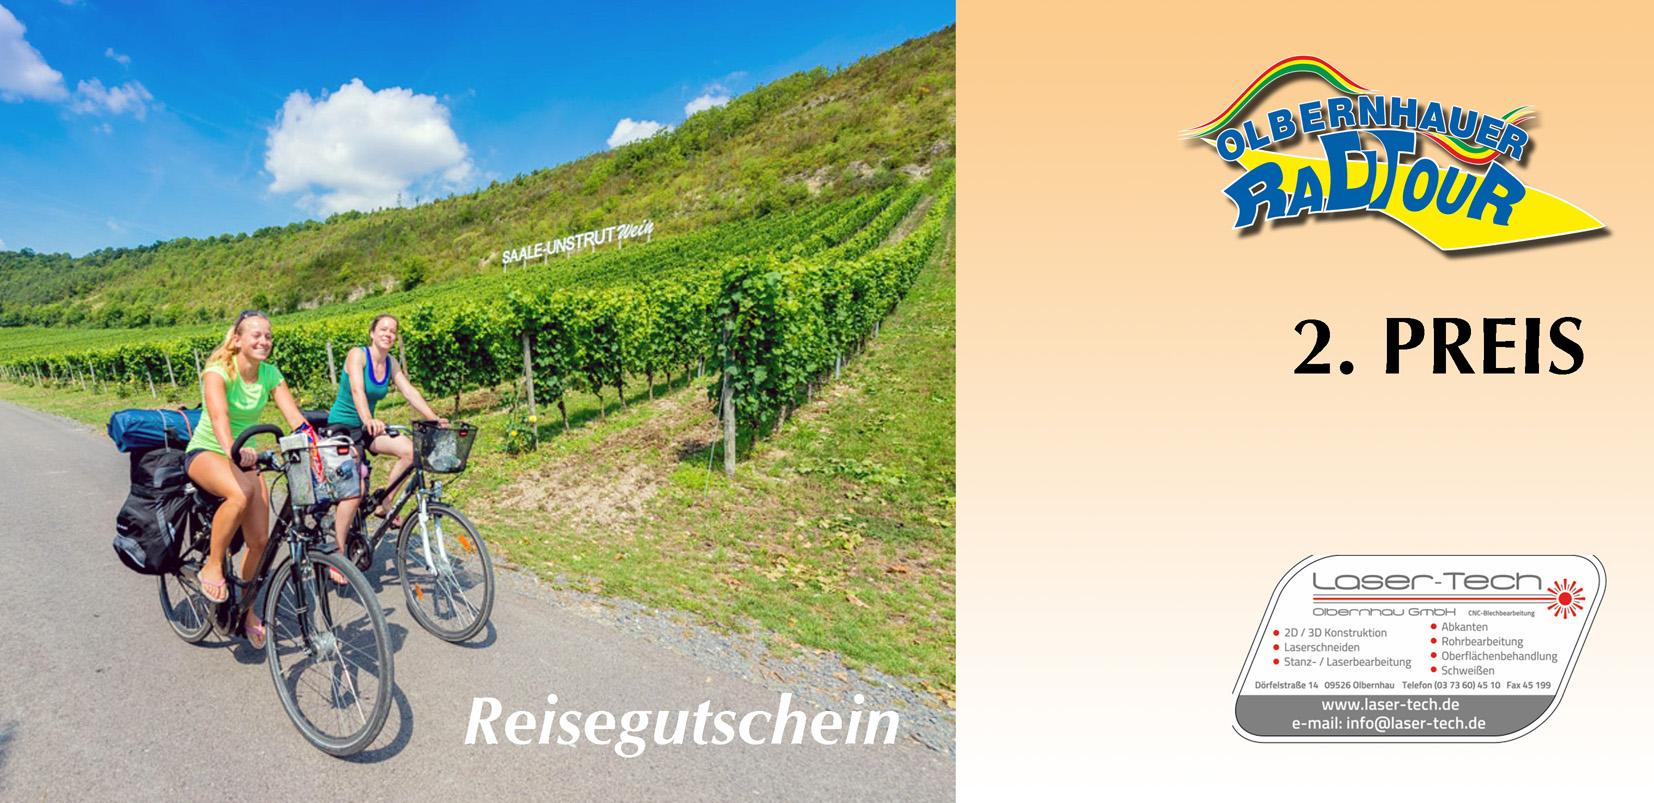 2. Tombolarpreis: Reisegutschein für eine Radreise für 2 Personen mit 2 Übernachtungen nach Naumburg (Saale / Unstrut) (gestiftet durch Lasertec Olbernhau GmbH)